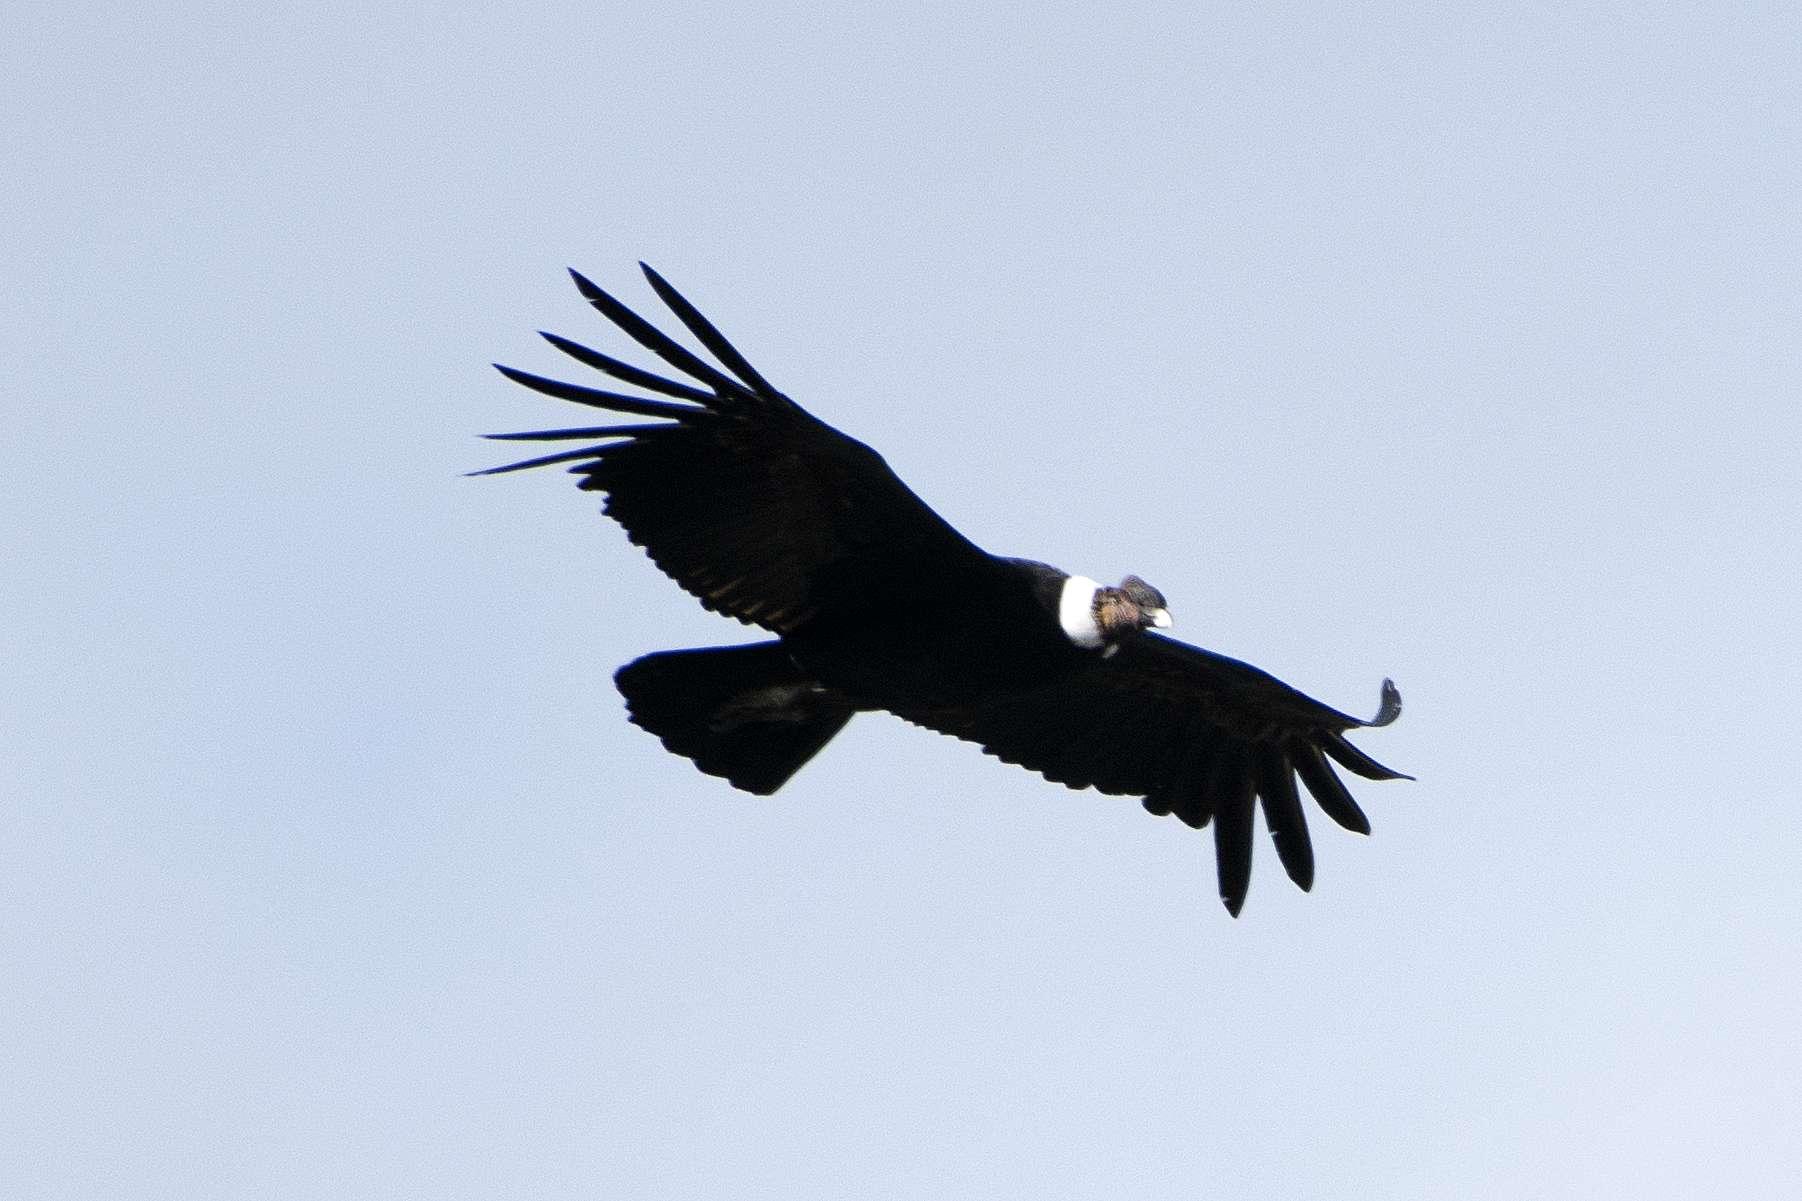 Le condor des Andes passe 99 % de son temps de vol en plané. © Paul Asman and Jill Lenoble, Flickr